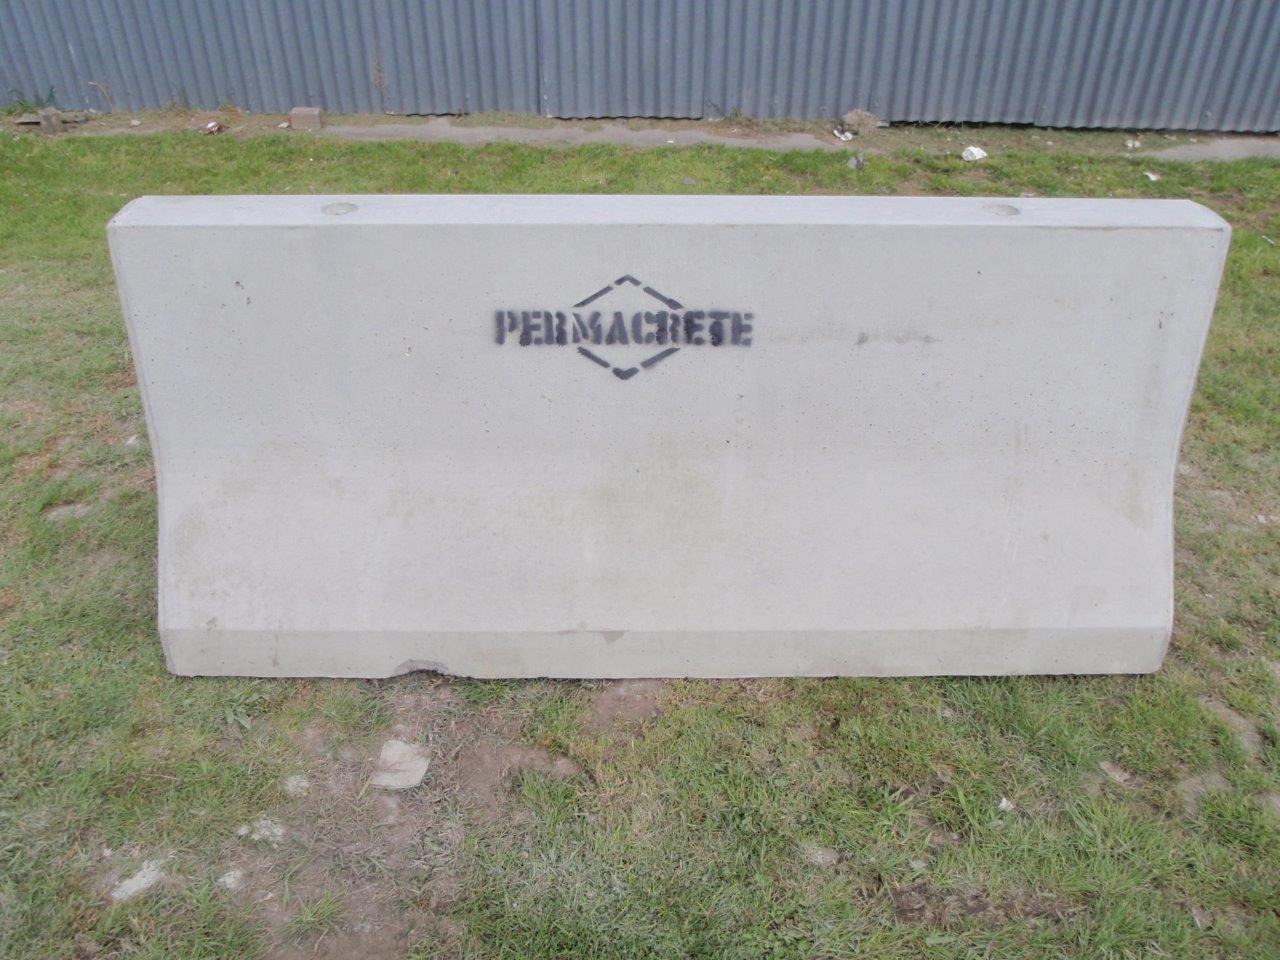 Permacrete | permanent concrete solutions | water tanks